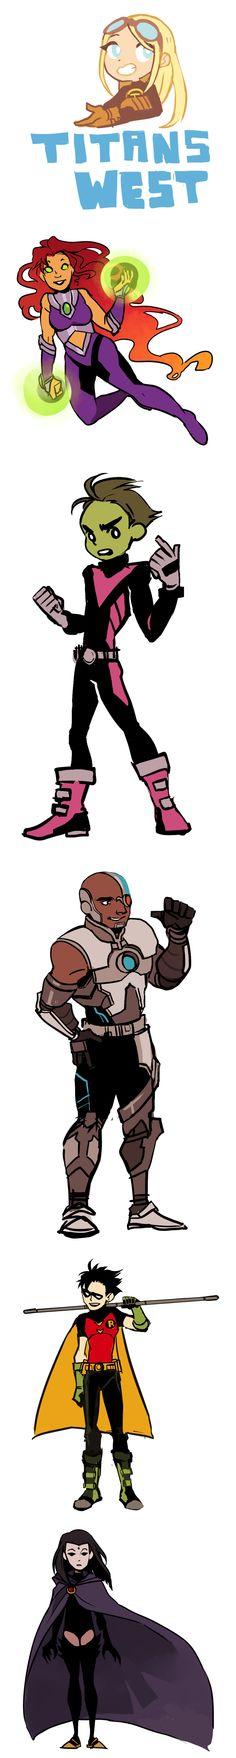 Titans West